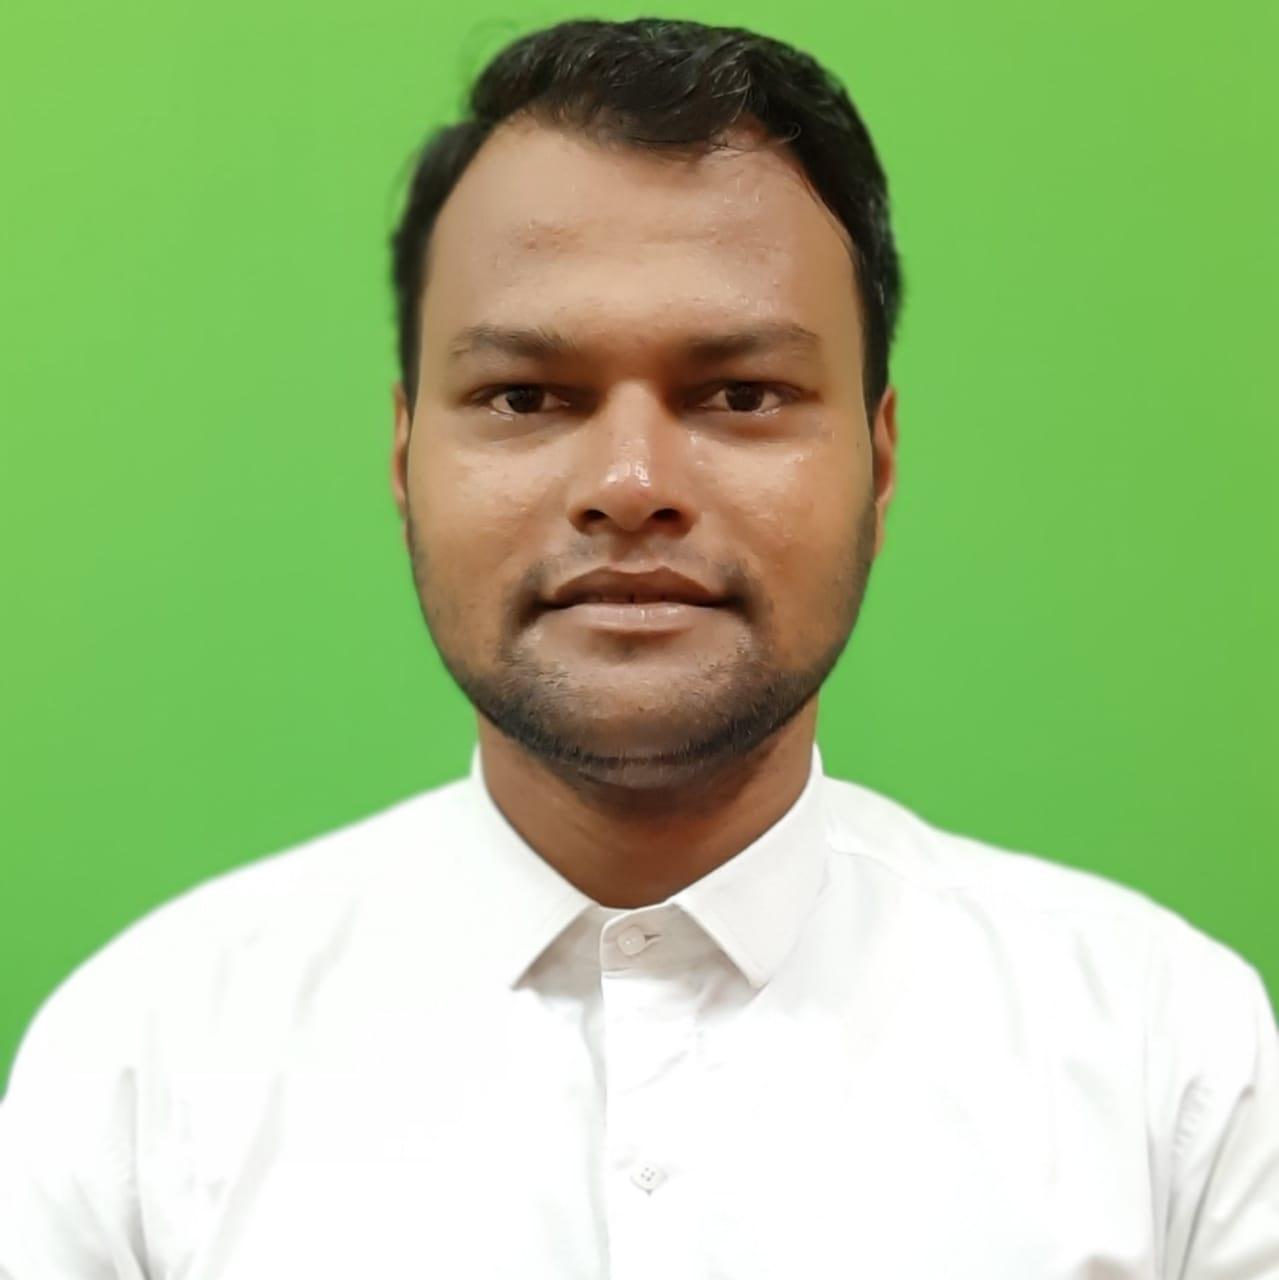 sambhanji